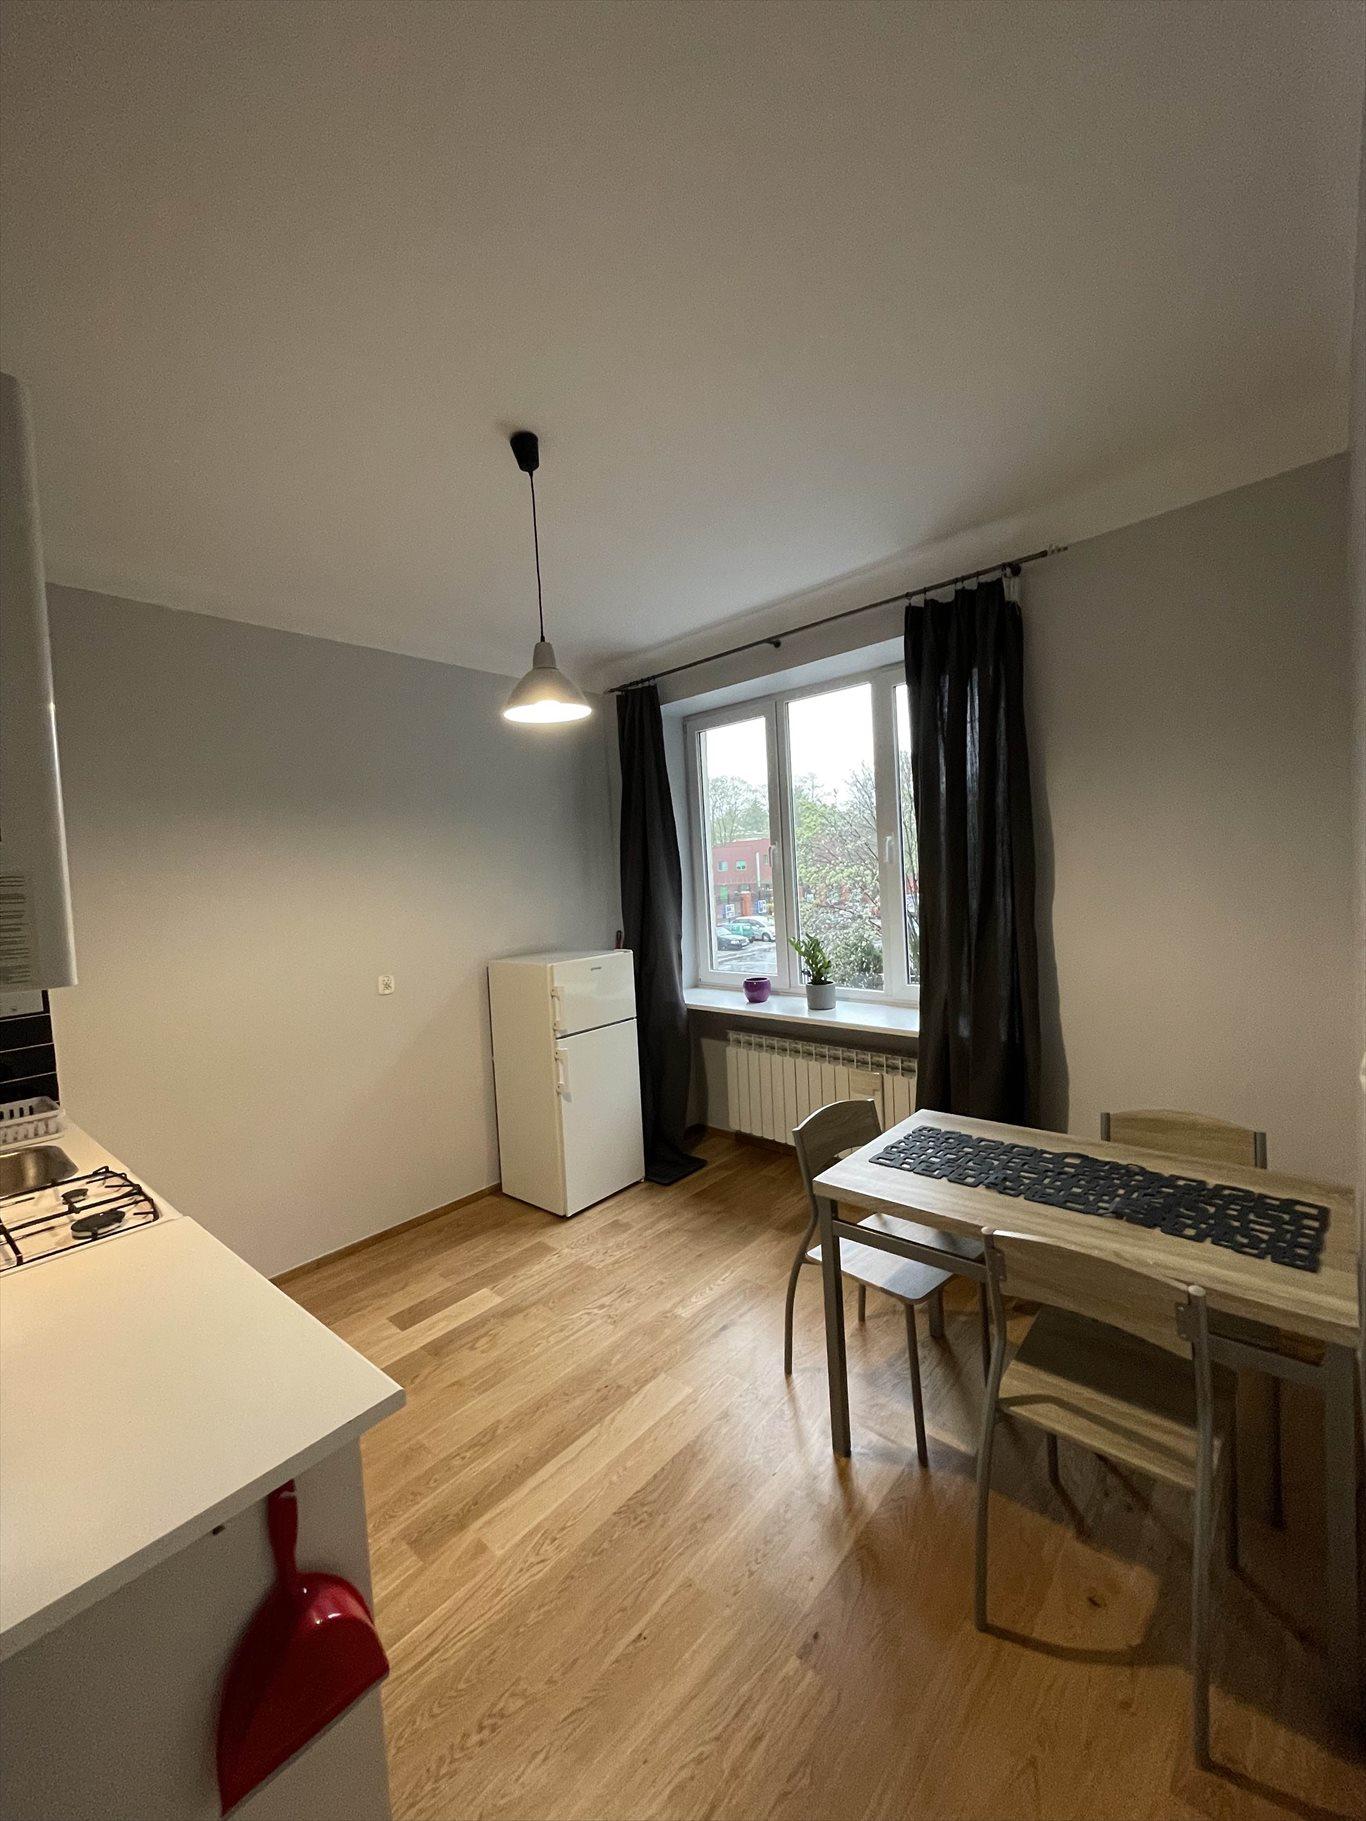 Mieszkanie dwupokojowe na wynajem Warszawa, Saska Kępa, Brukselska  37m2 Foto 4